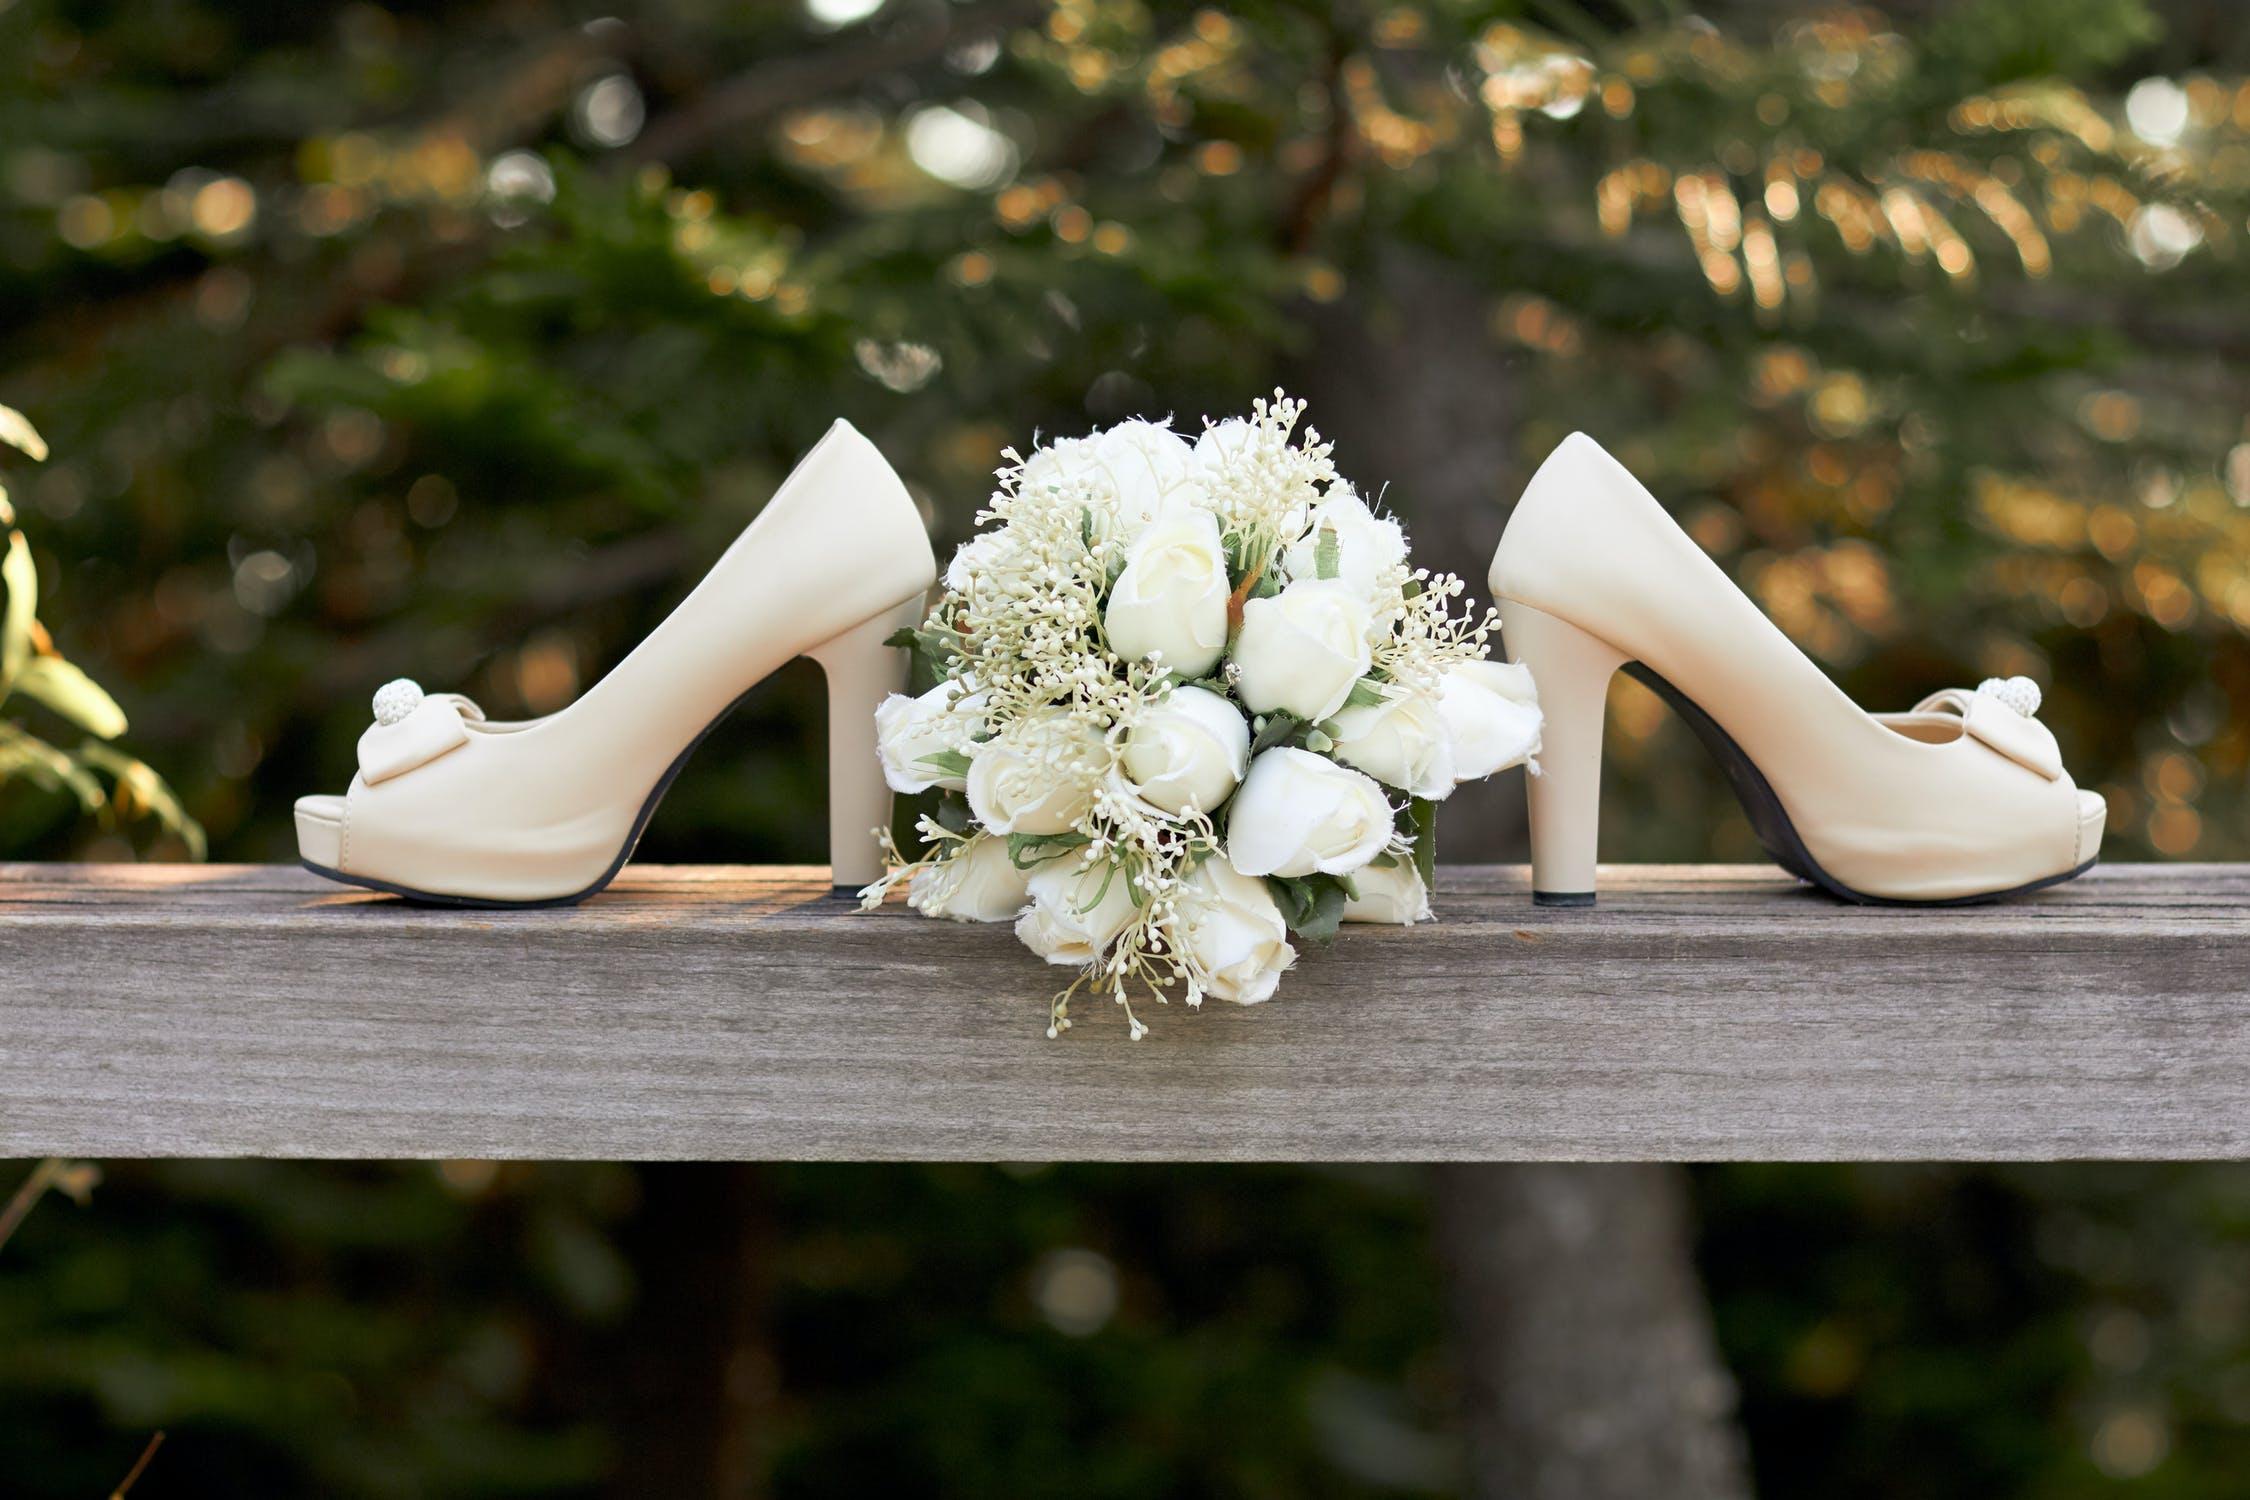 婚庆公司该如何赢得顾客的信任?